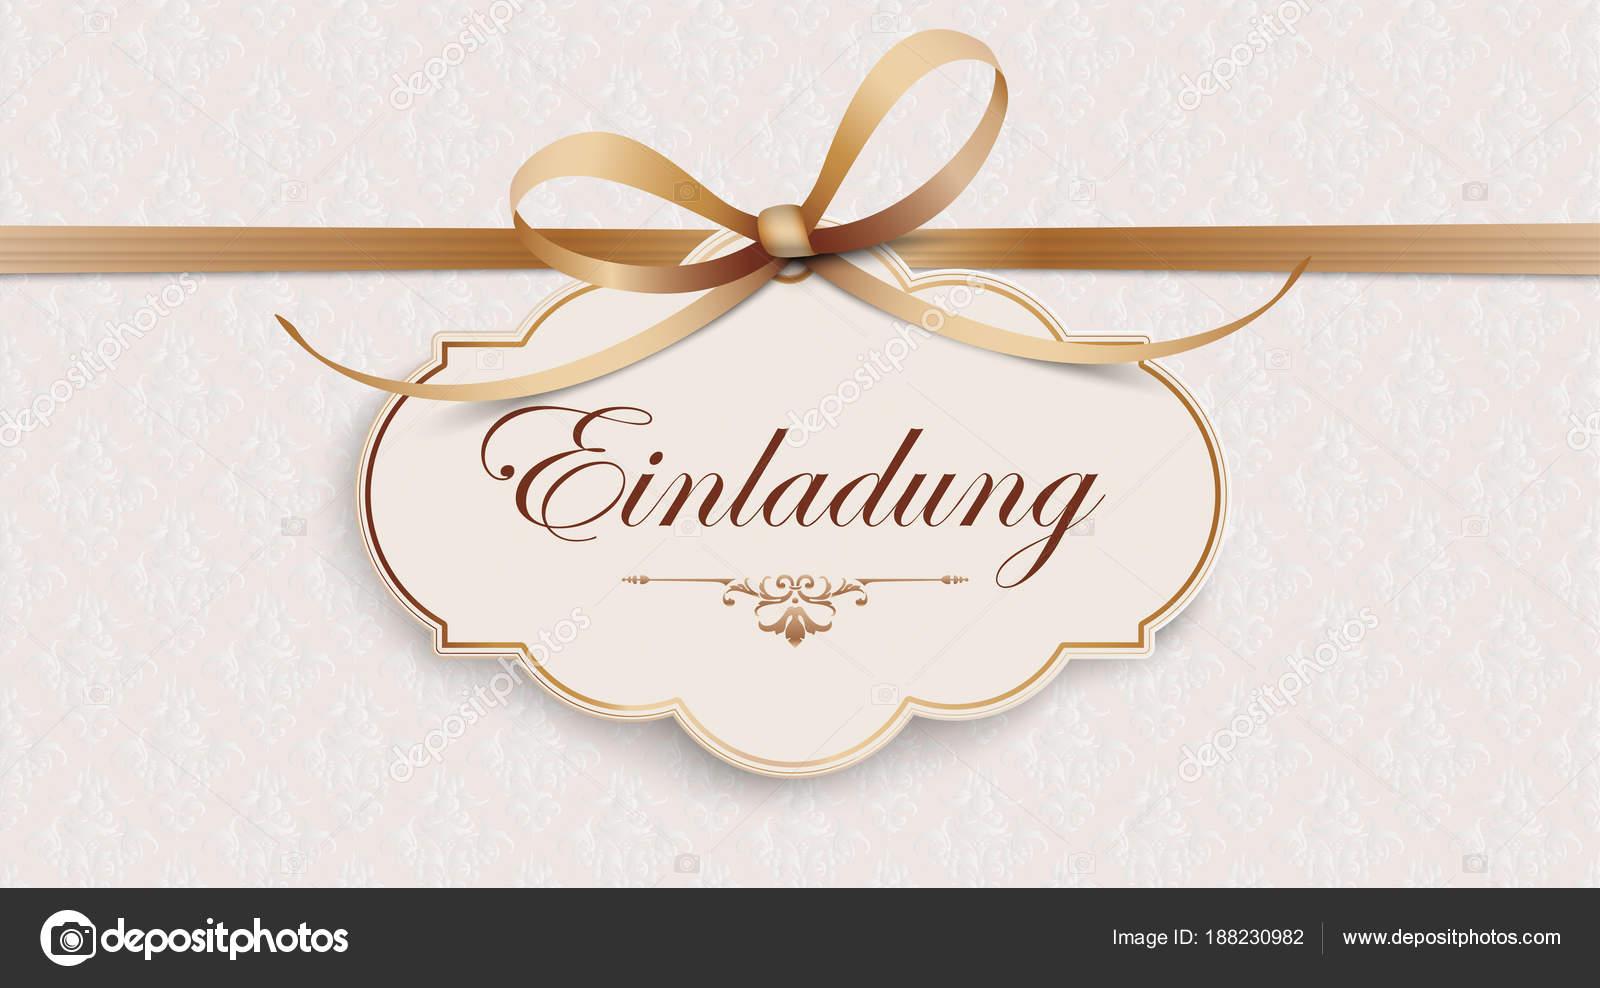 Tekst Niemiecki Einladung Tłumaczenie Zaproszenie Plik Wektorowy Eps